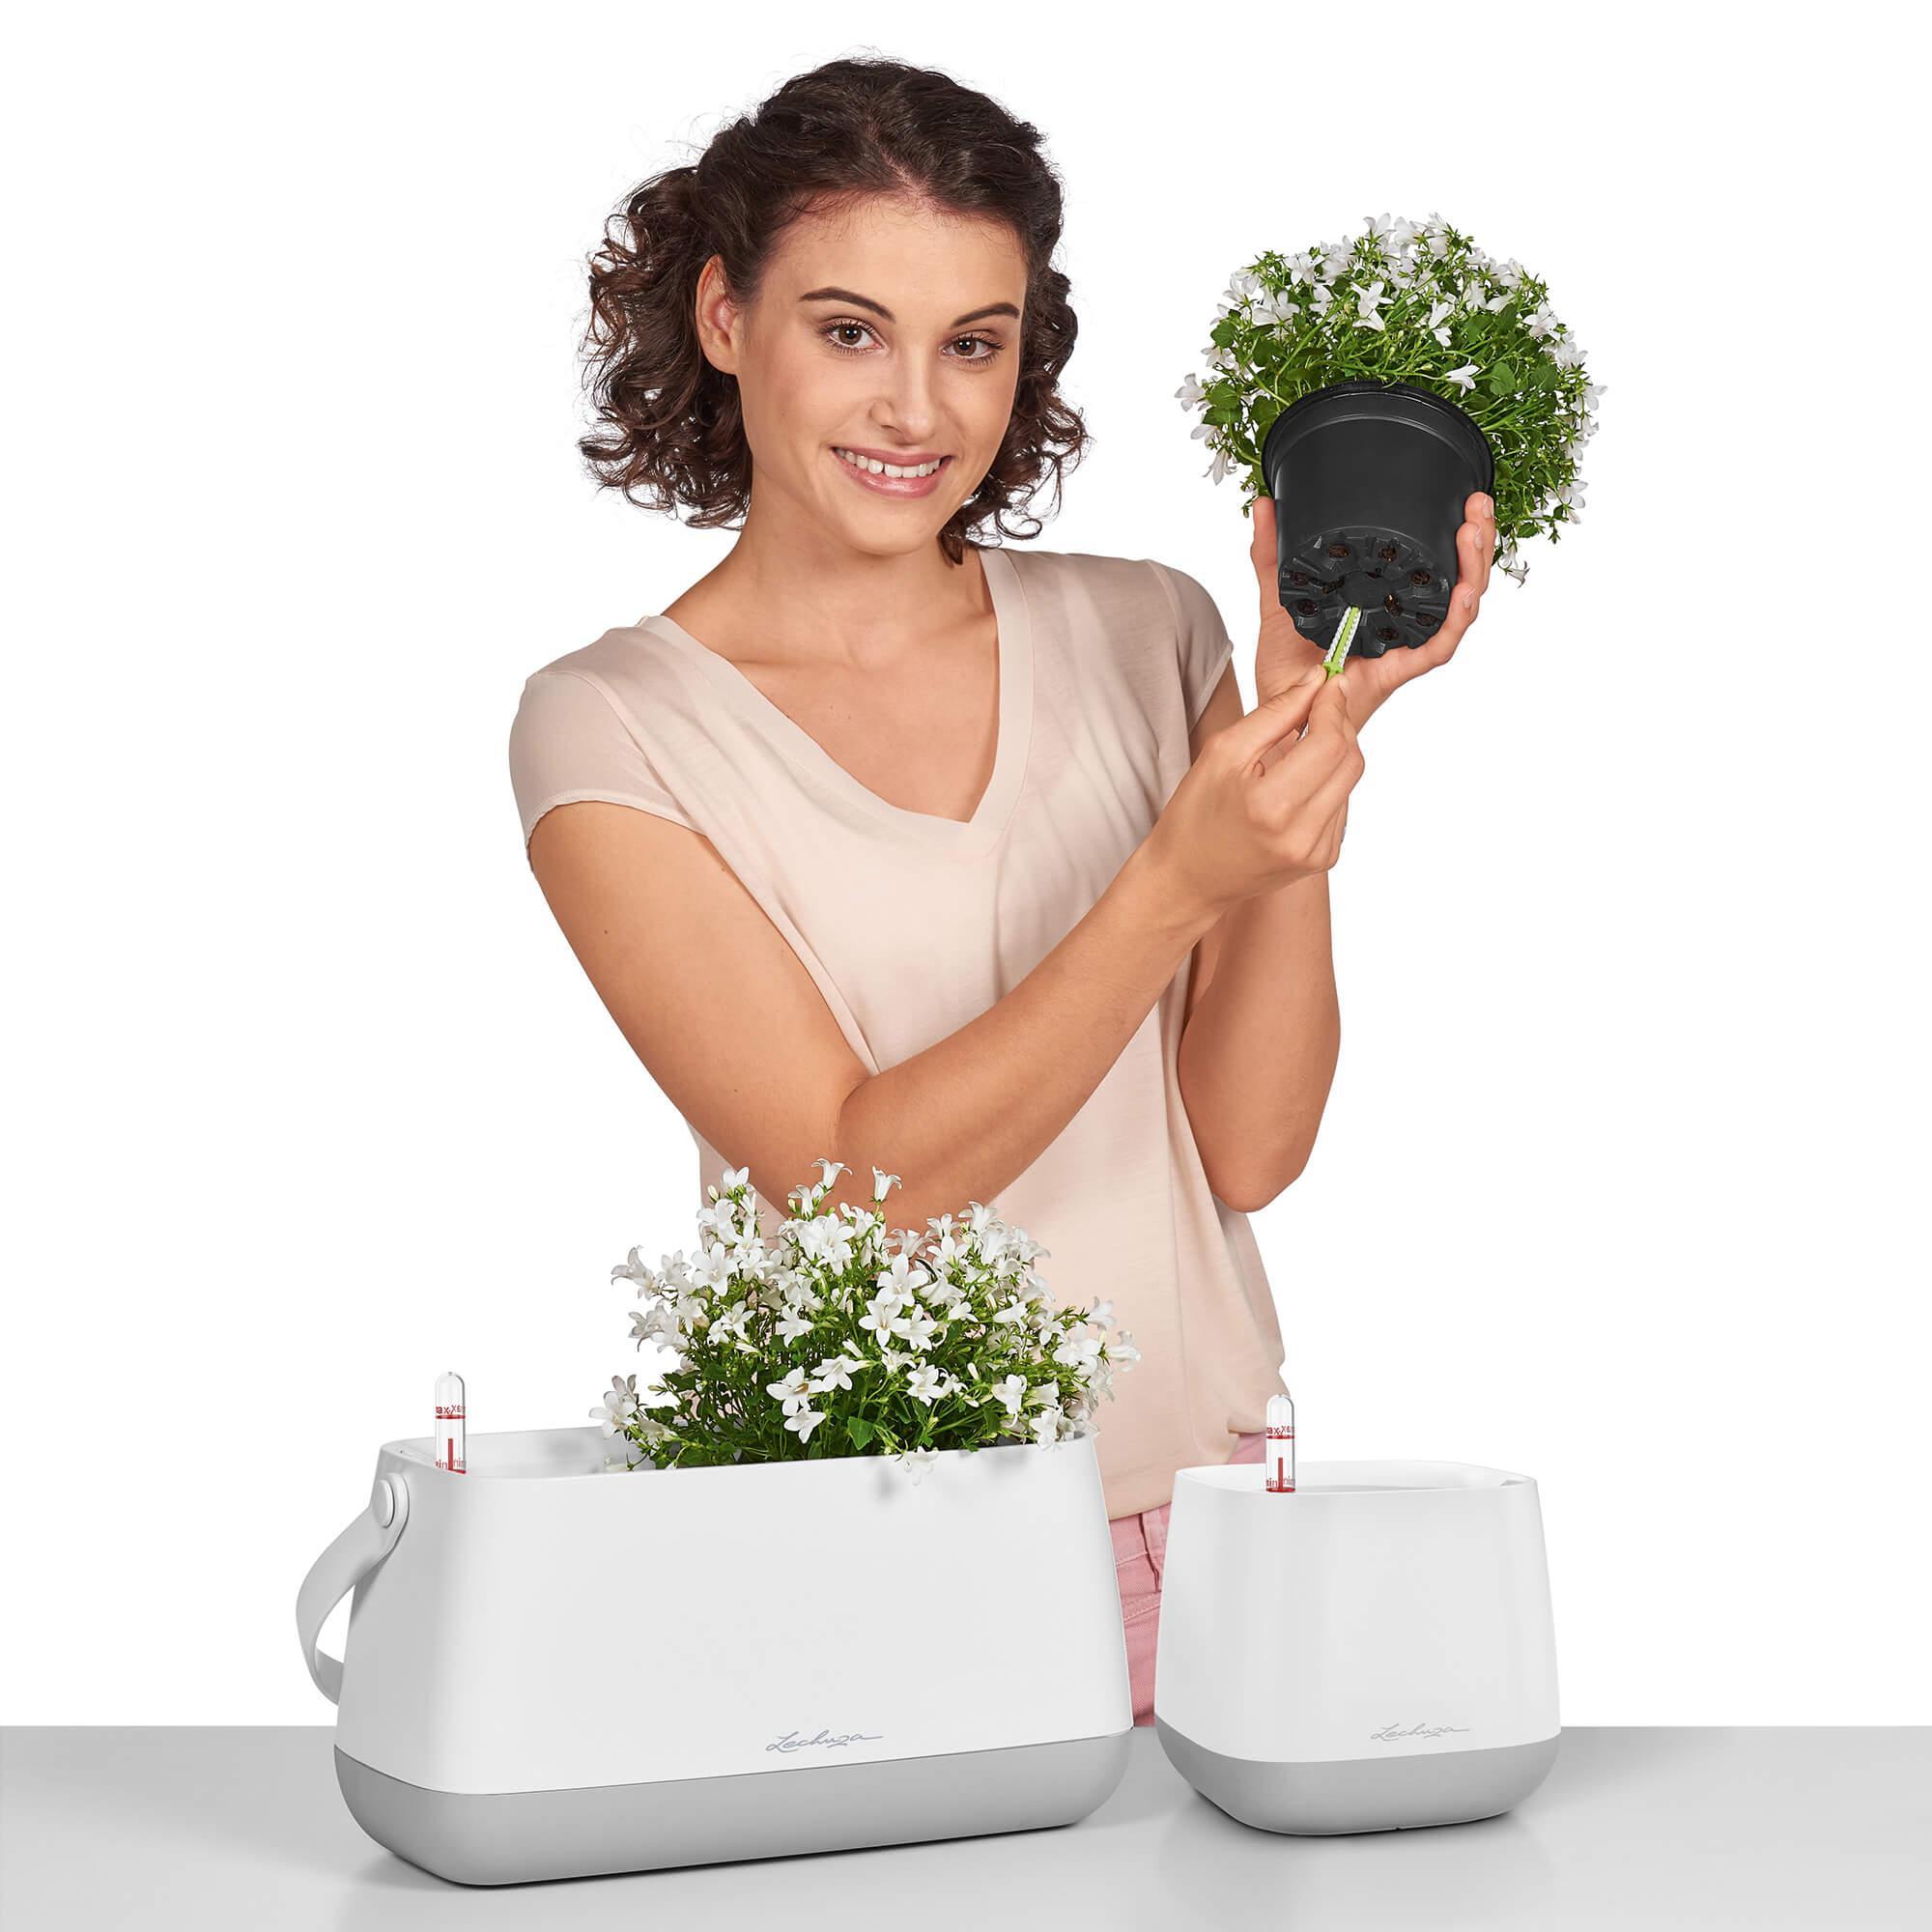 Maceta para plantar YULA blanco/gris satinado - Imagen 4